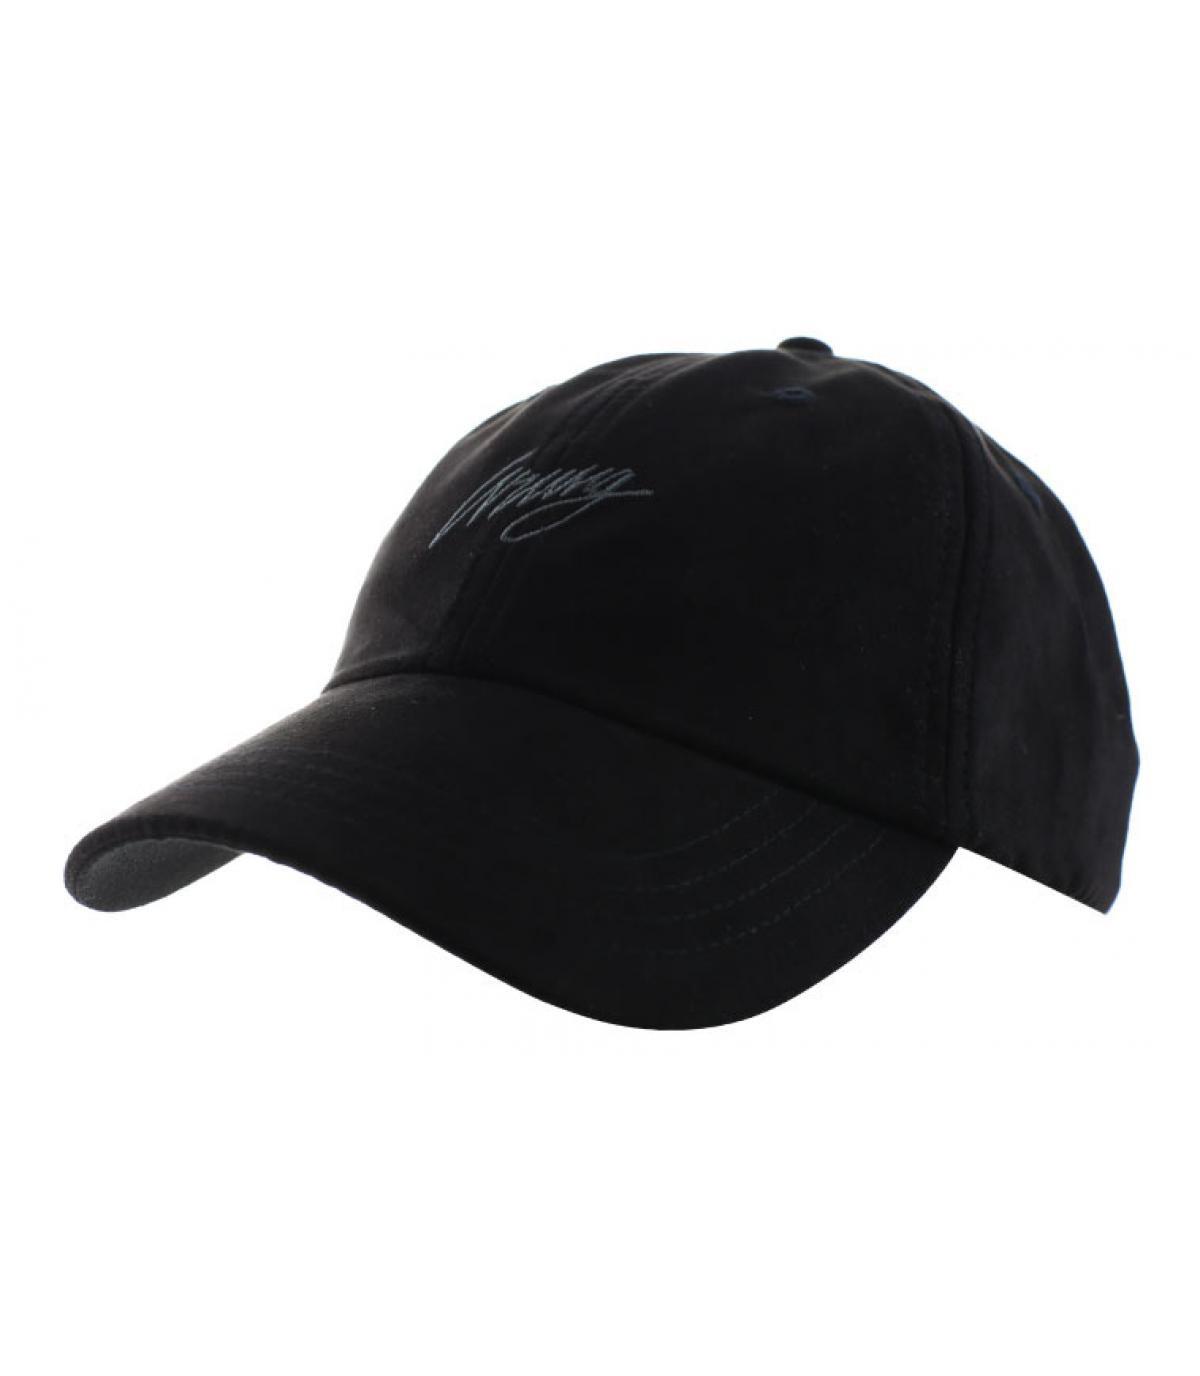 casquette curve daim noir